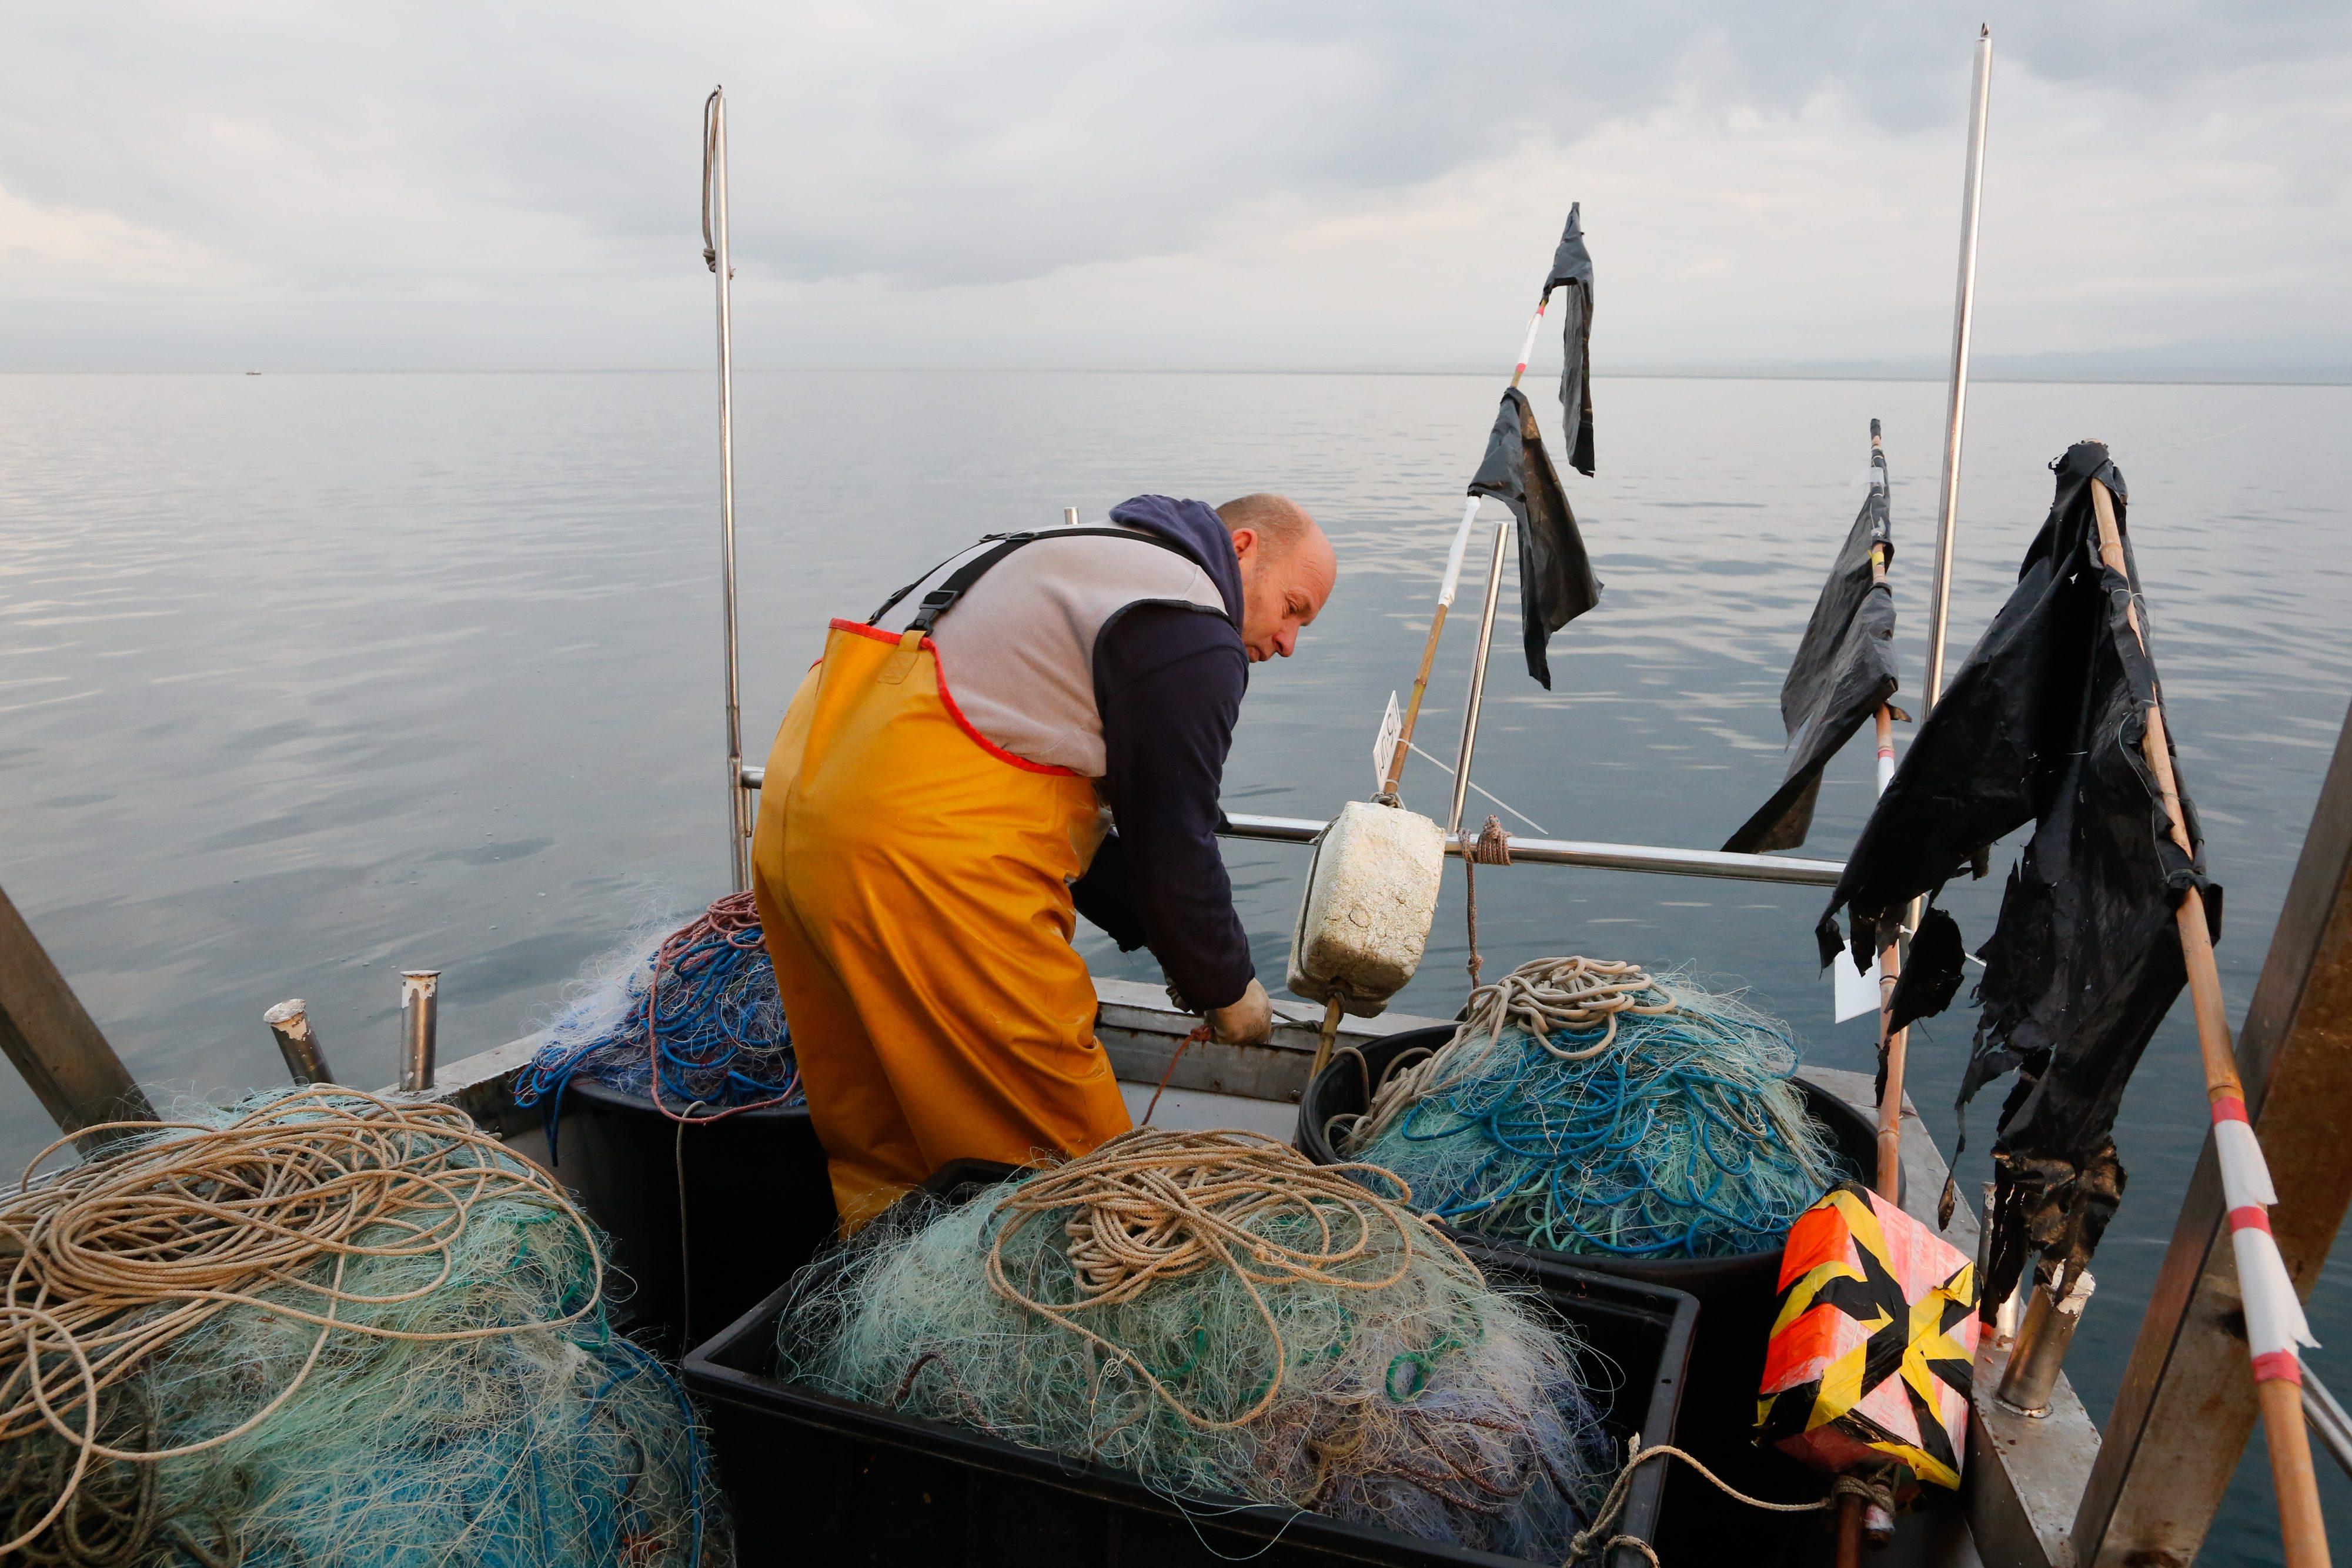 Savudrija, 080118. Diego Makovac sa suprugom Frankom ribari u Savudrijskoj vali a sve uz pratnju Slovenske i Hrvatske policije. Radnje u tom dijelu mora nadgledala je i slovenska inspekcija. Ribar je dizao i polagao mreze listarice za izlov ribe list (svoja). Foto: Goran Sebelic / CROPIX